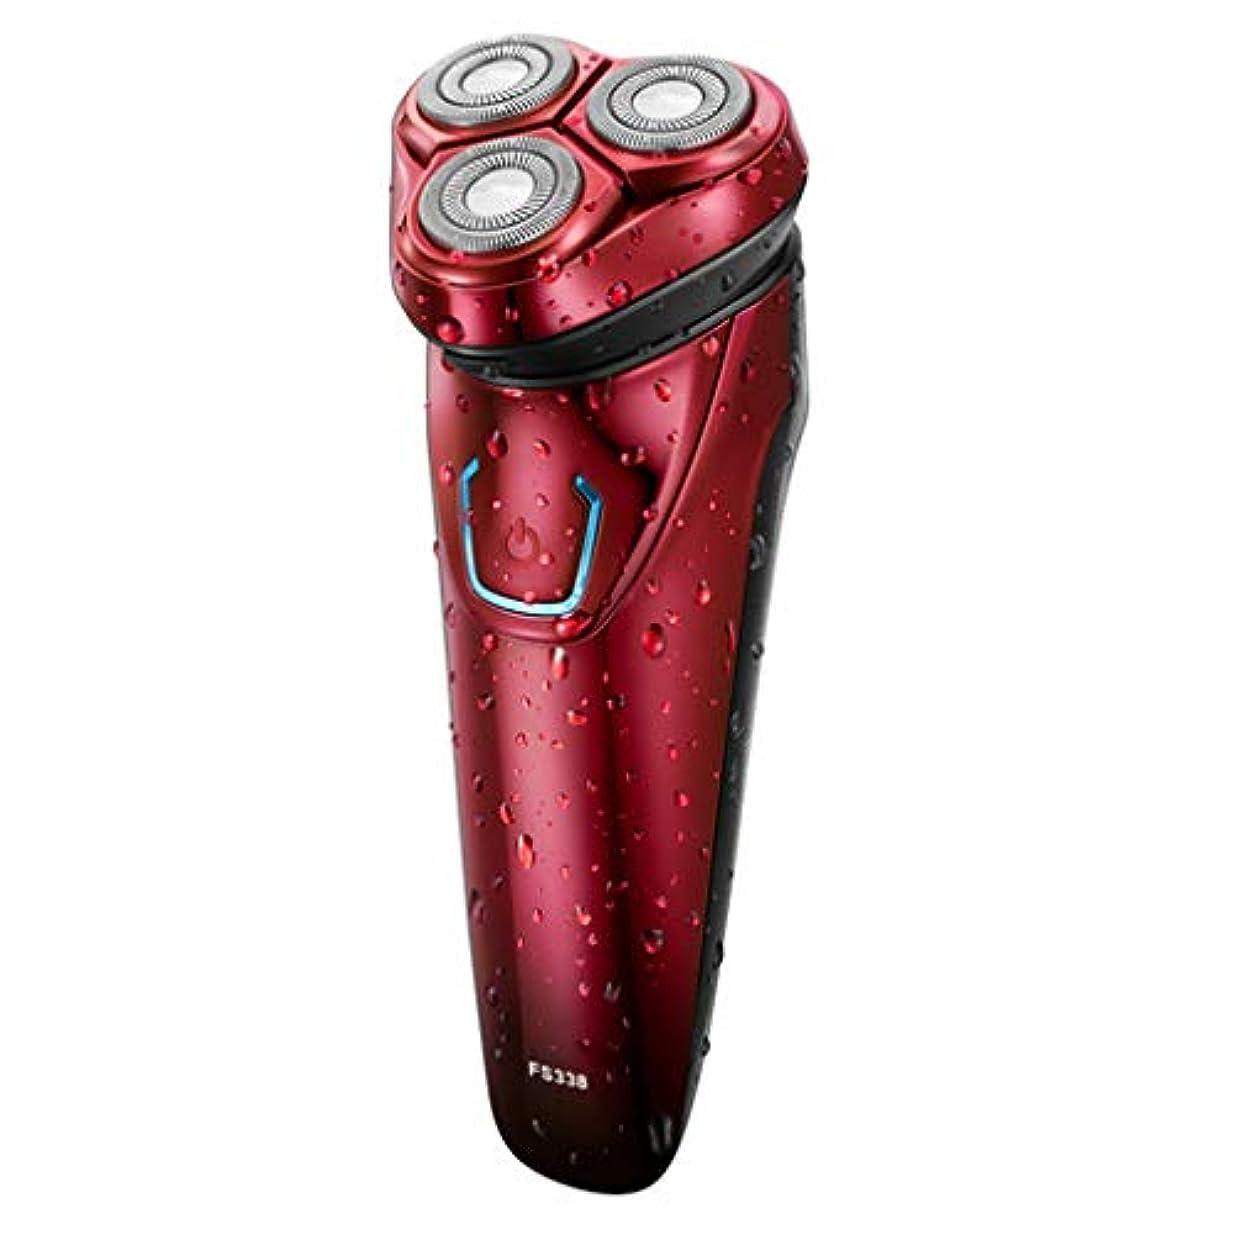 突っ込む攻撃的麦芽ひげそり 電動 メンズシェーバー,USB充電式 髭剃り 電気シェーバー 回転式 髭剃り ひげそりIPX7防水 電気シェーバー 持ち運び便利 お風呂剃り丸洗い可 人気プレゼント